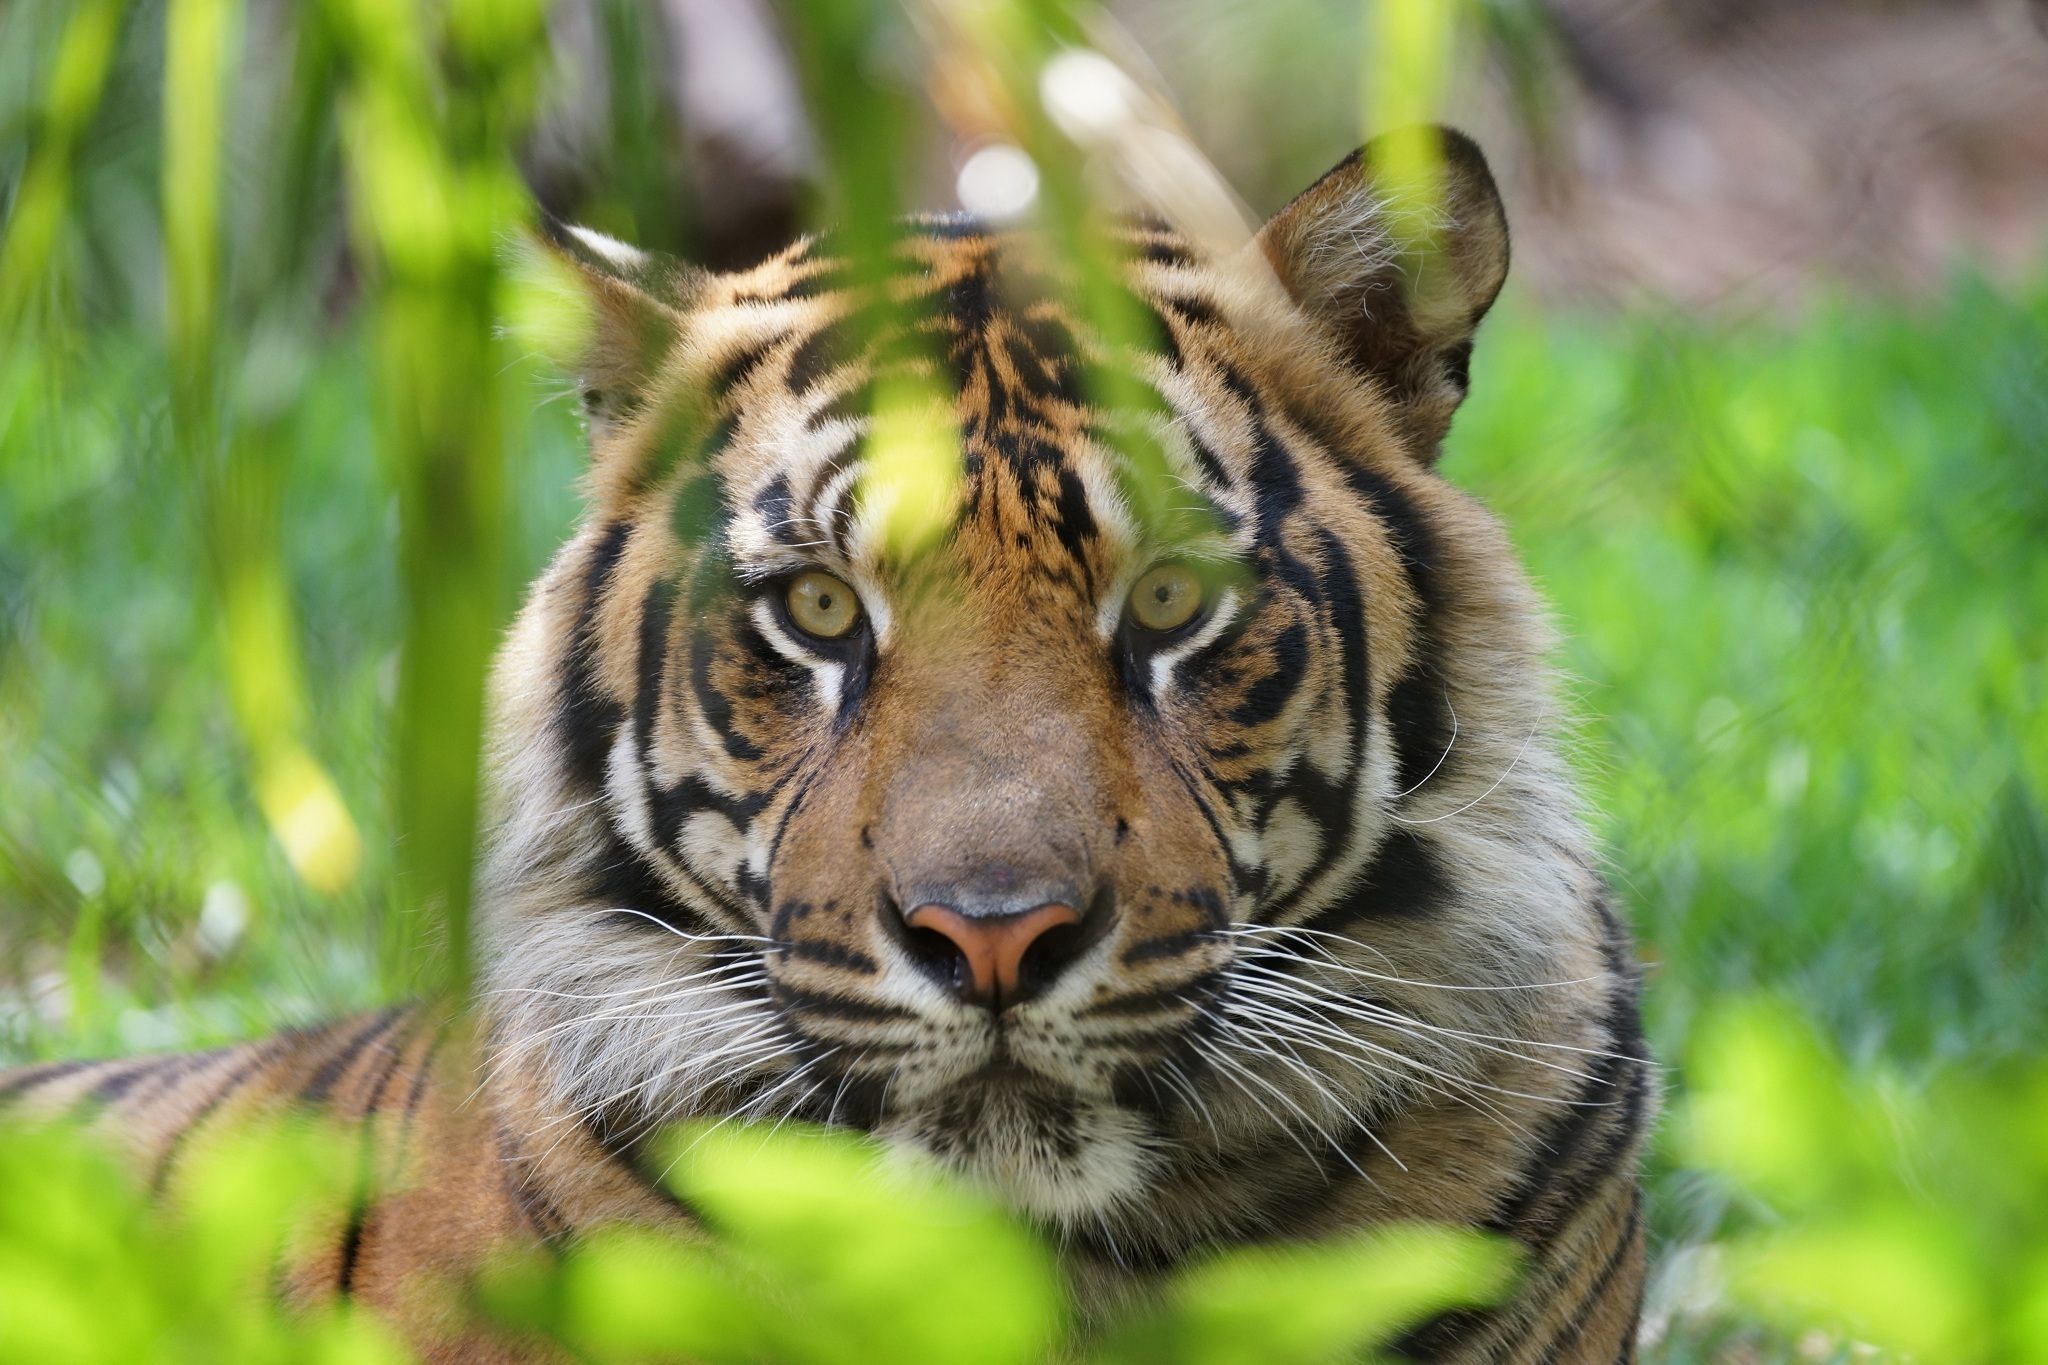 позволяет картинки для планшета тигр рославле точный